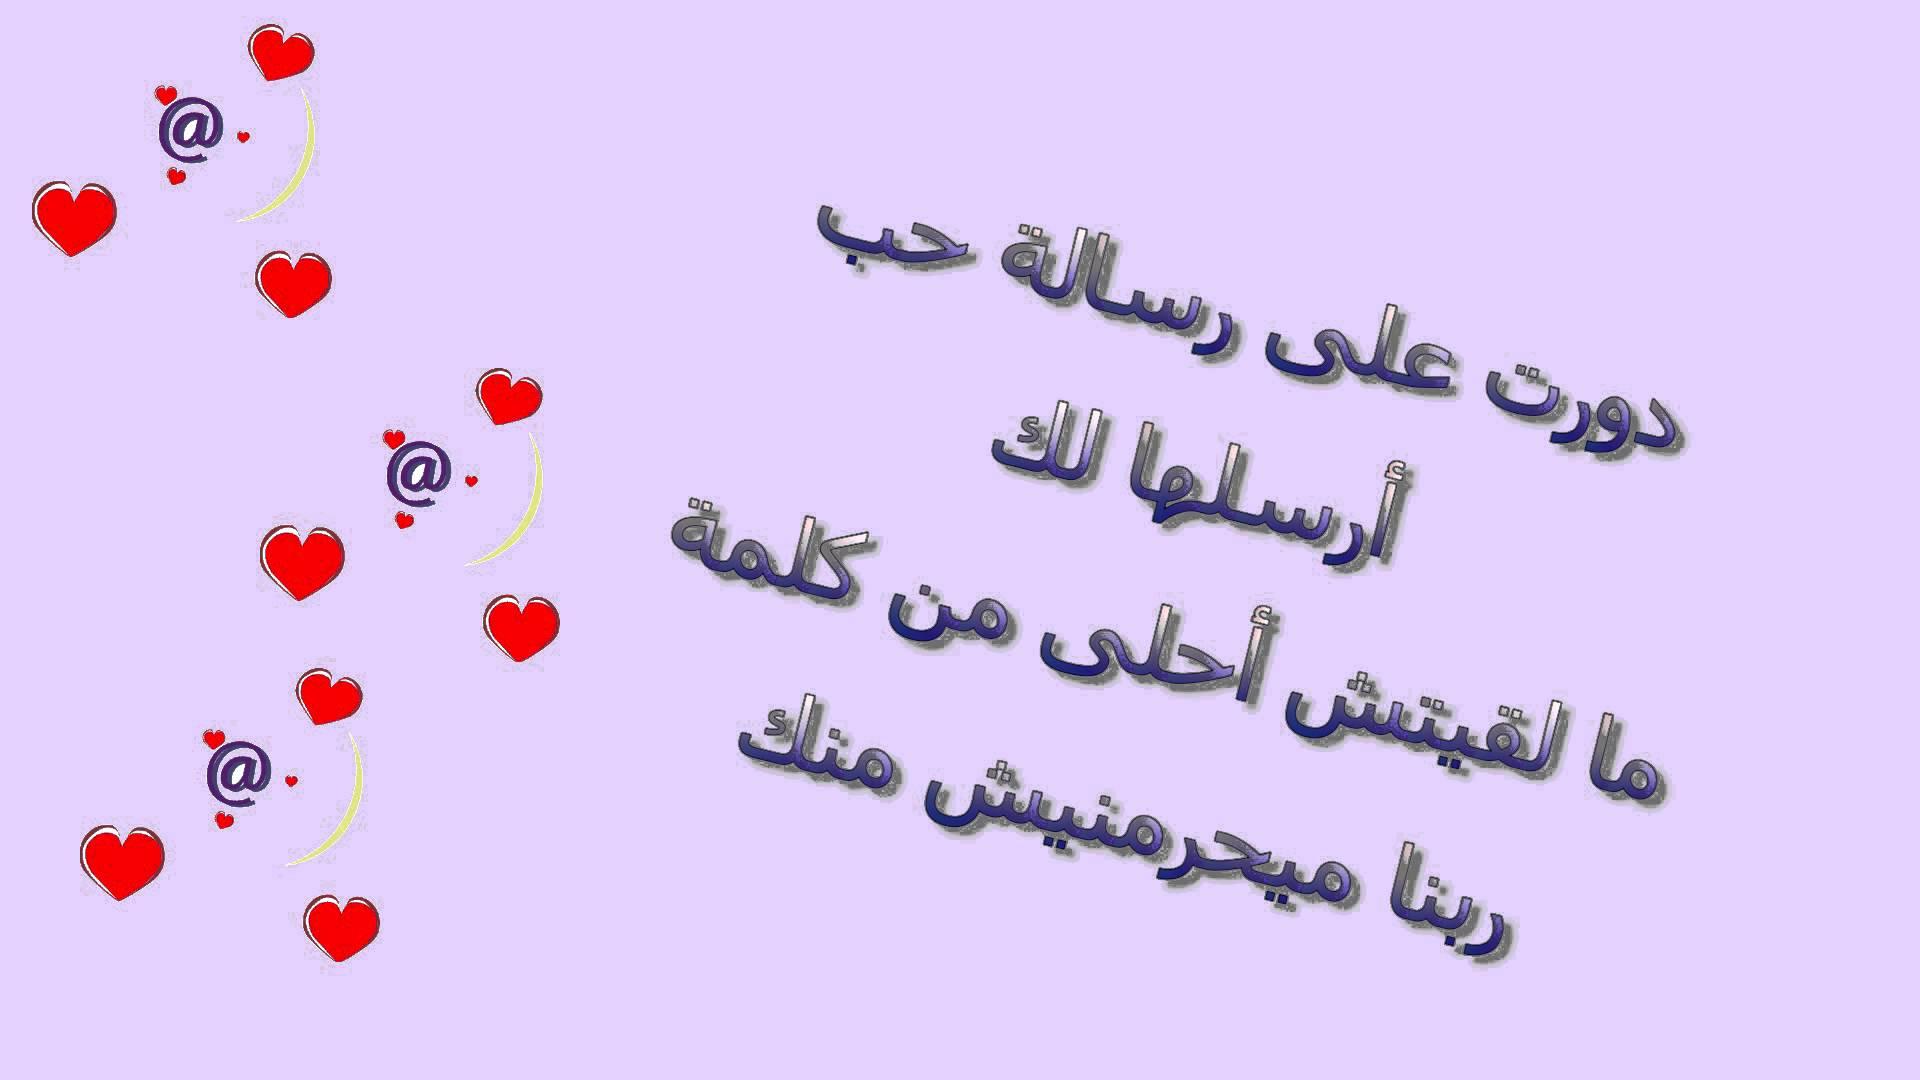 بالصور اجمل رسالة حب , كلمات ستجعل حبيبك يموت فيك 3592 1